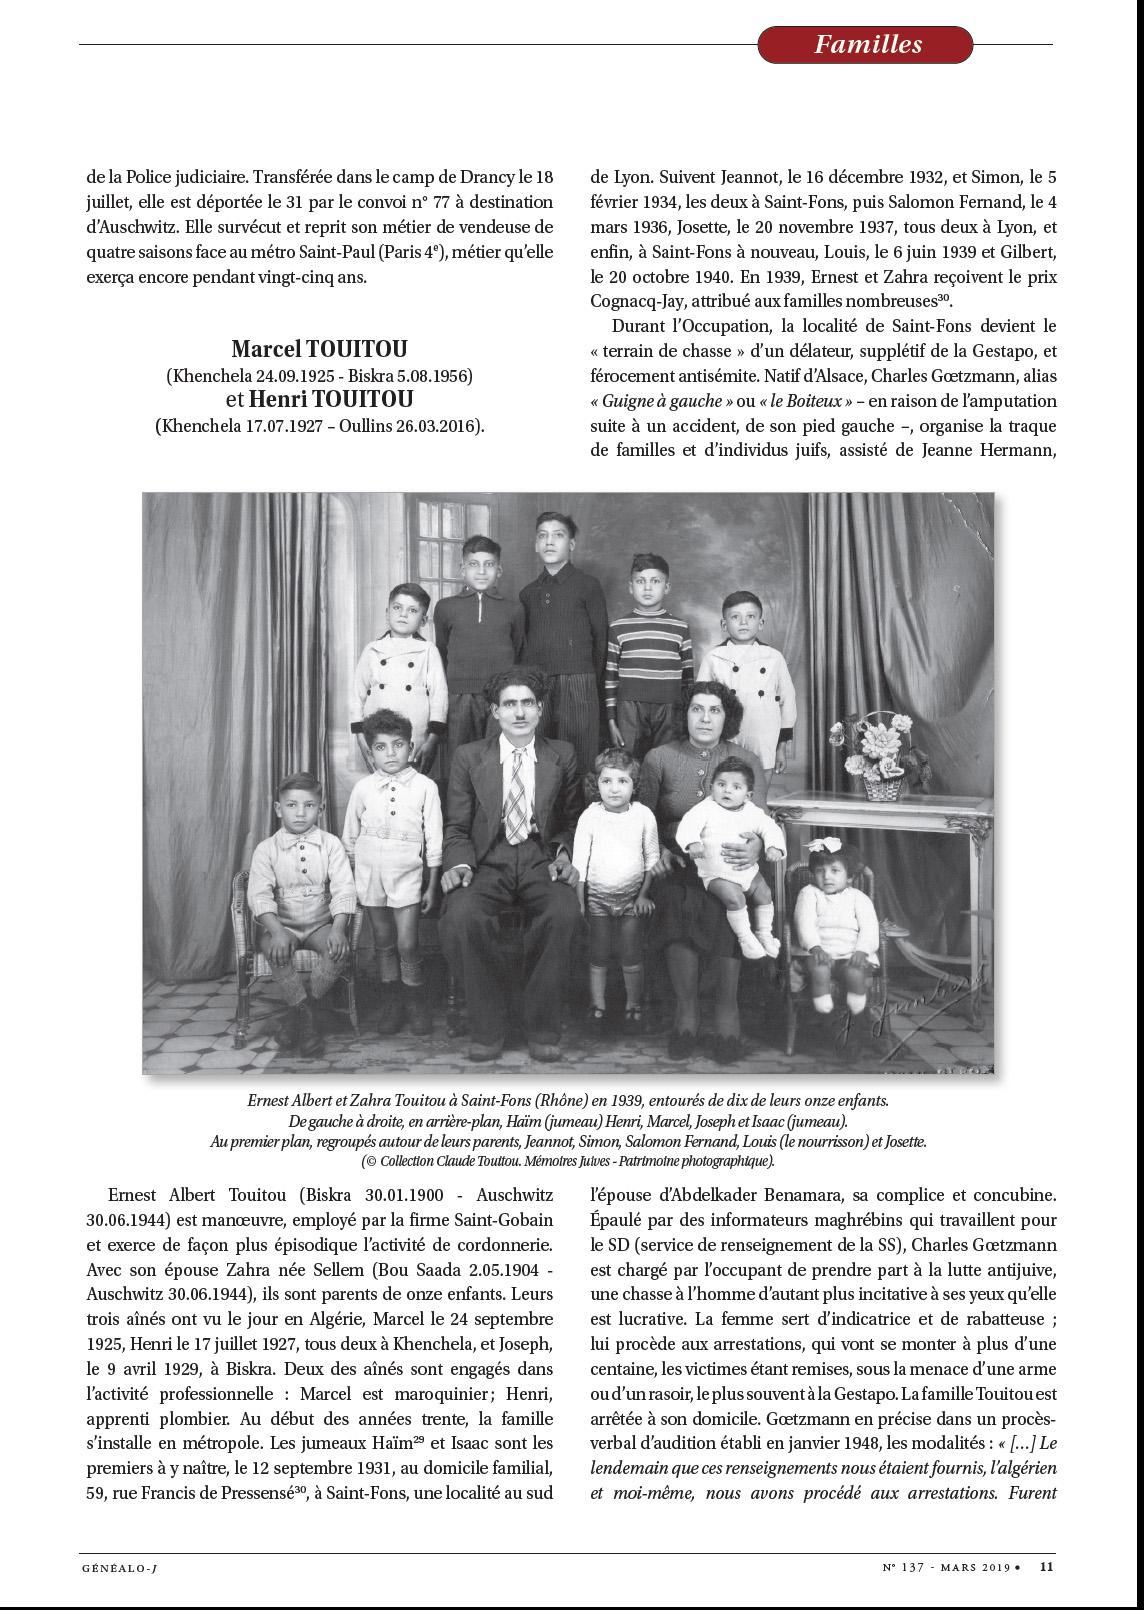 Laloum 3 page 9